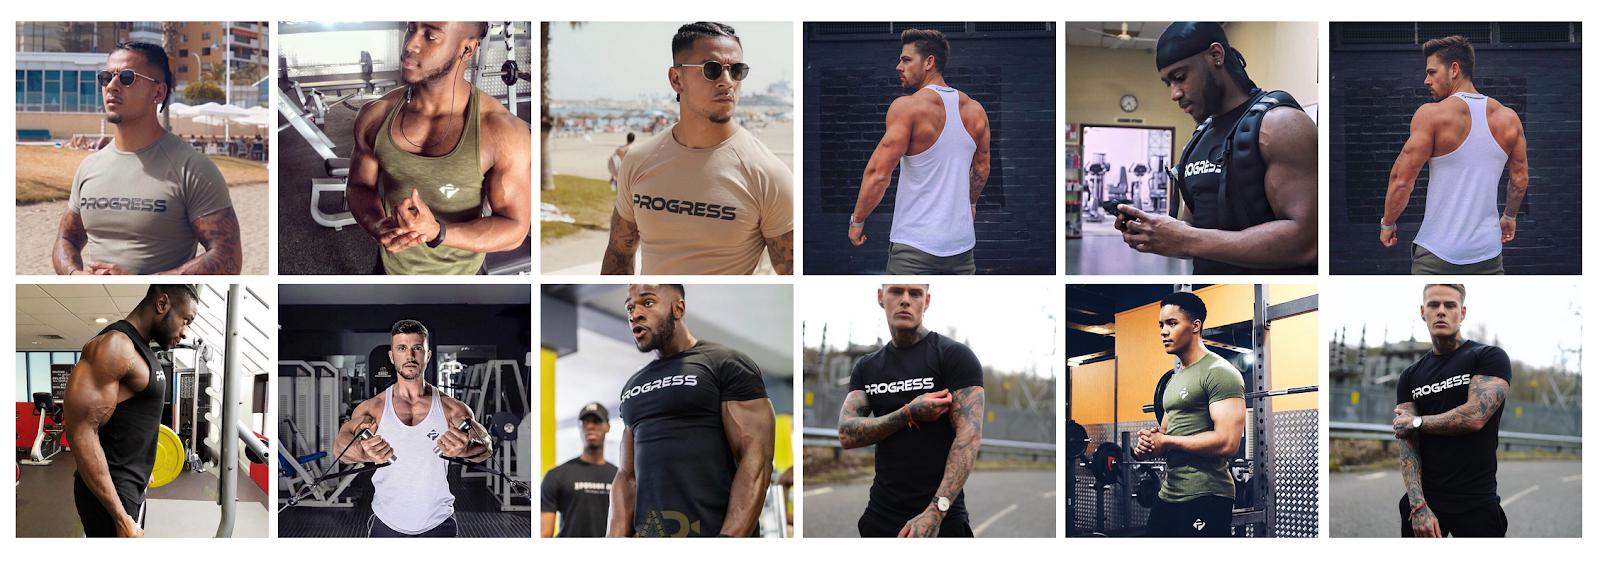 Fitness Models | Progress Gym Wear